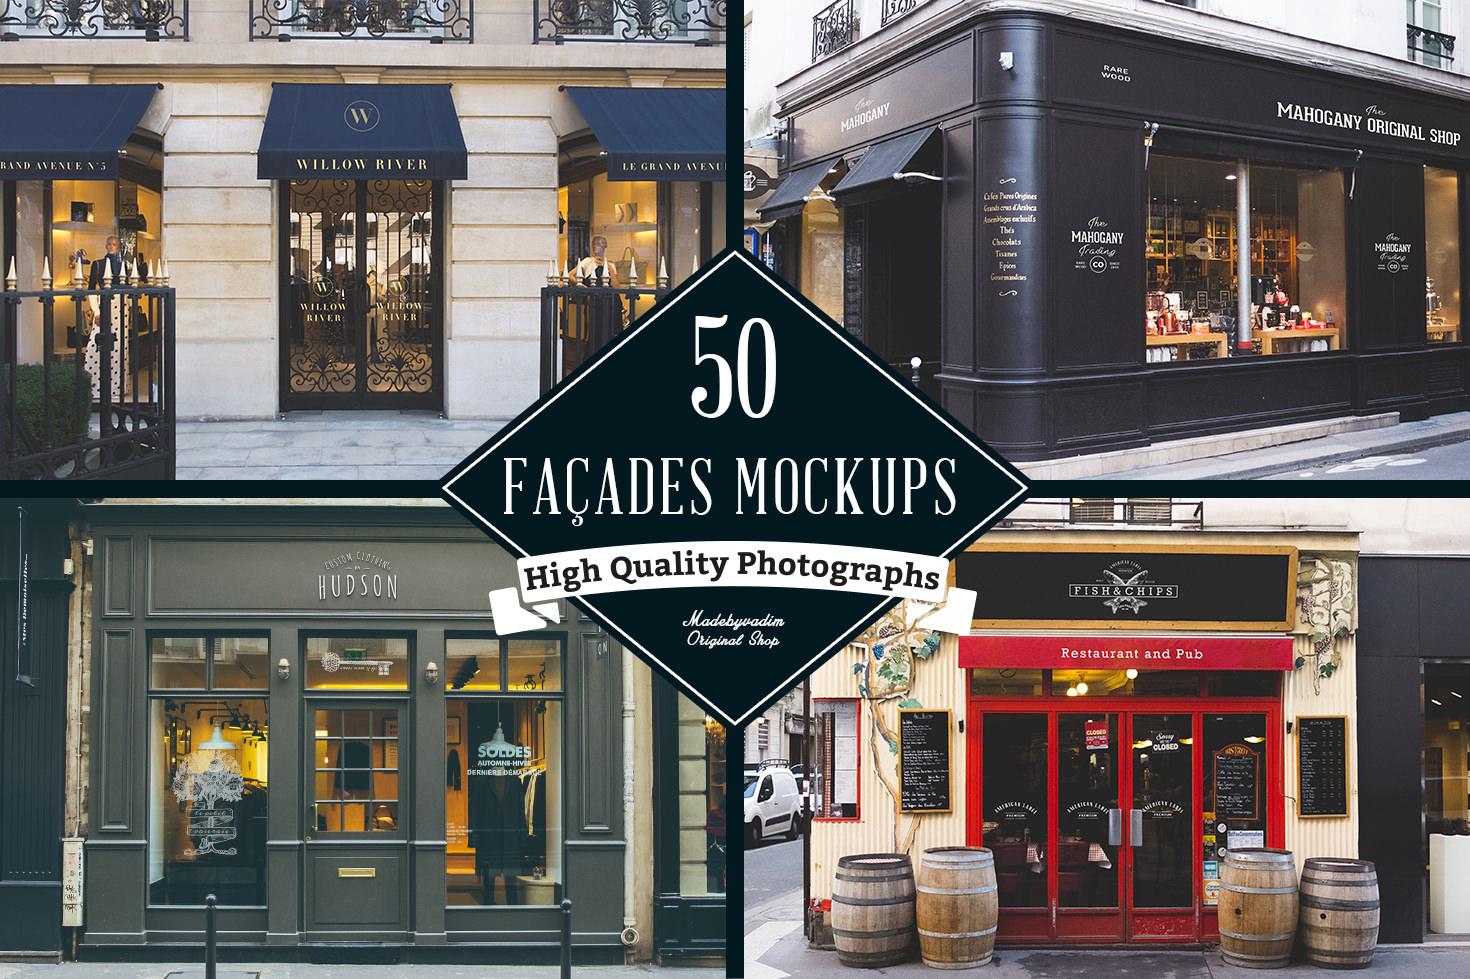 100 Signs & Facades Mockups